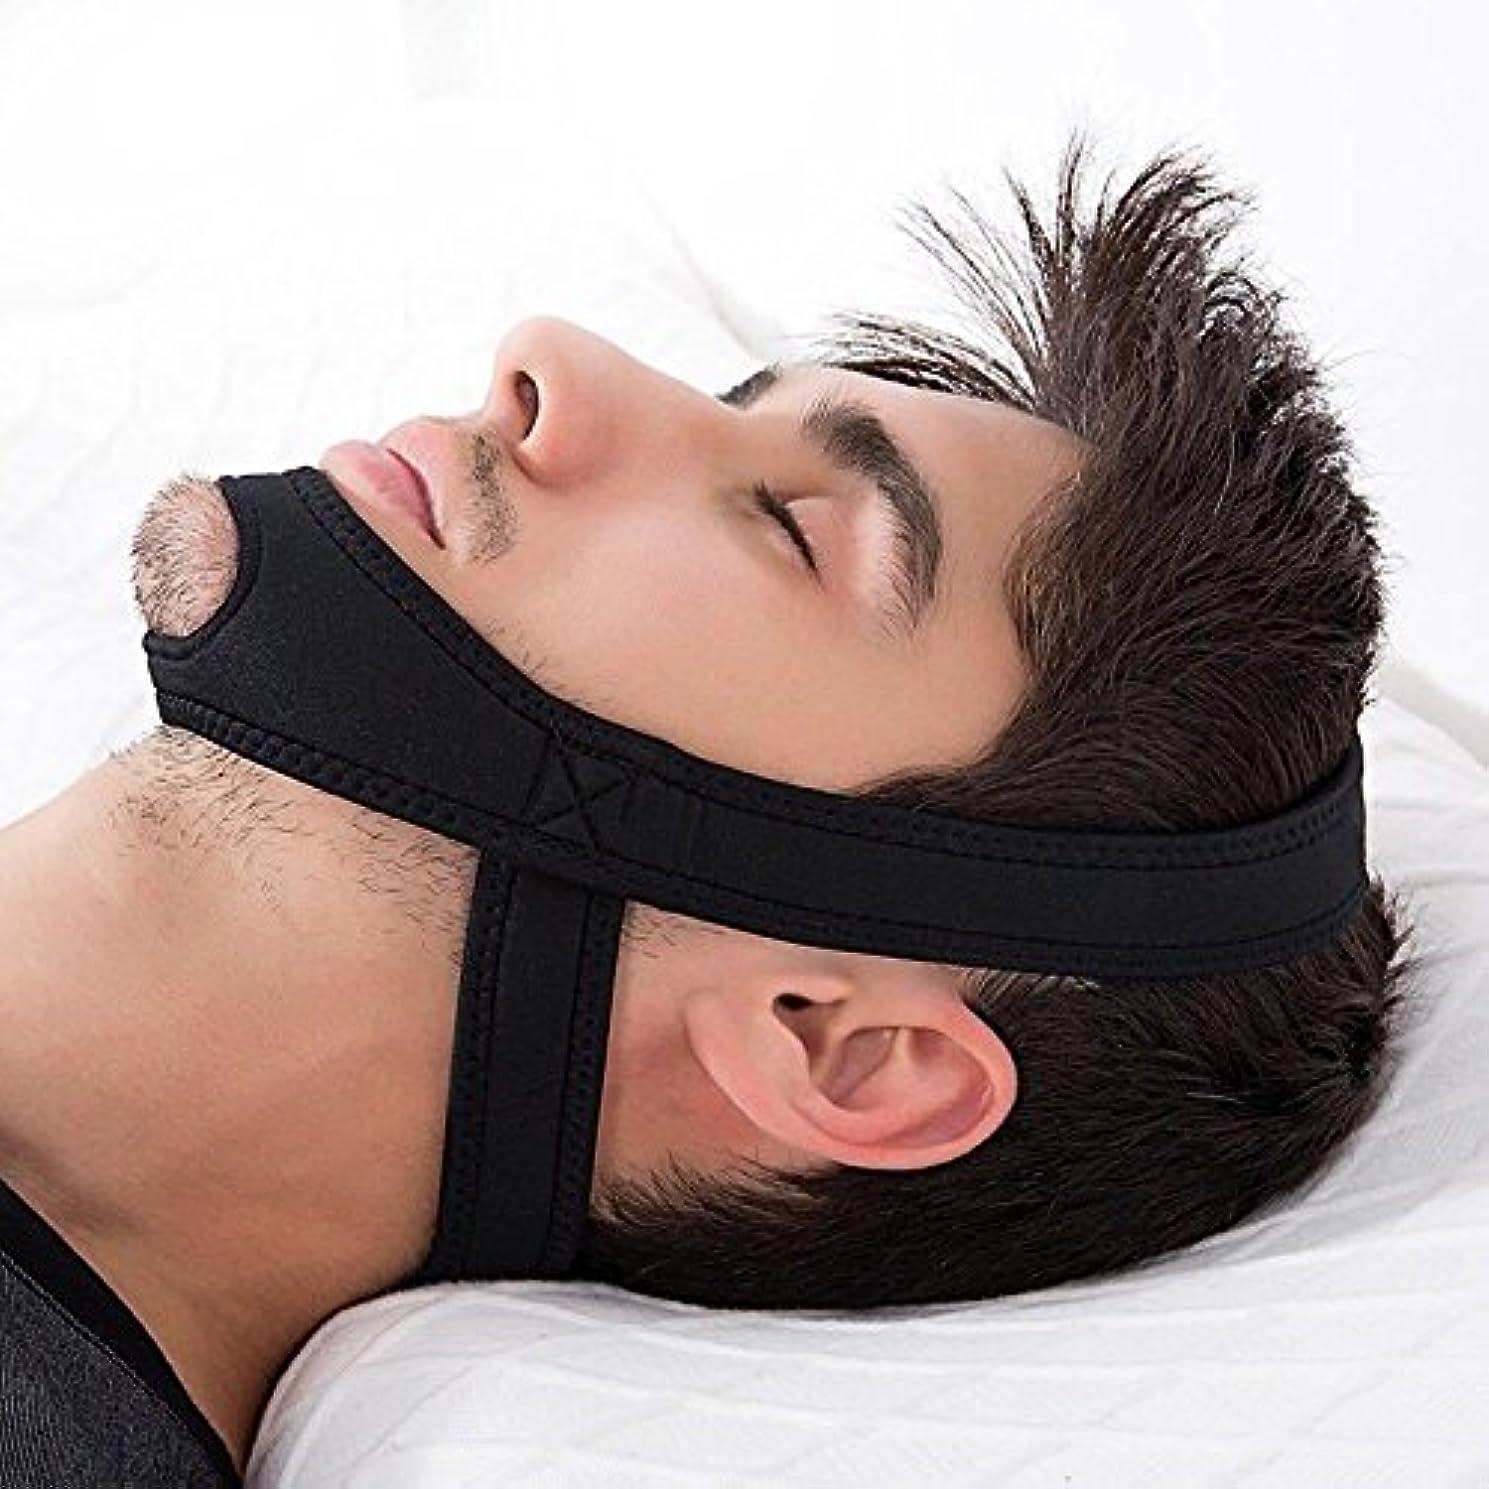 すべてサンダーパークNOTE 新ネオプレンアンチいびきストップいびきあごストラップベルト抗無呼吸顎ソリューション睡眠サポート無呼吸ベルト睡眠ケアツール